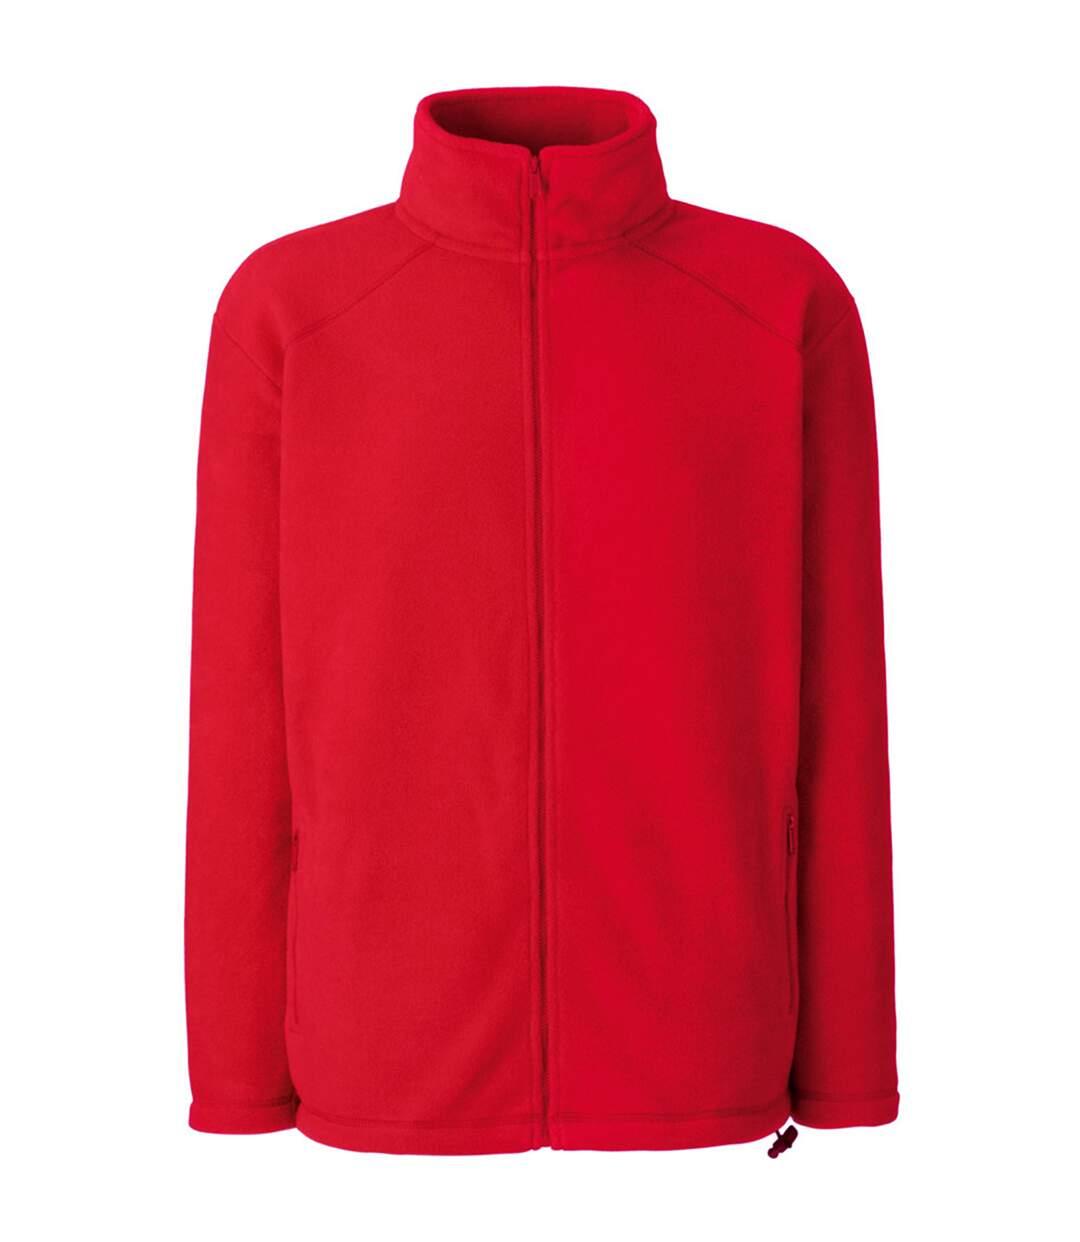 Fruit Of The Loom Mens Full Zip Outdoor Fleece / Top (Red) - UTBC372